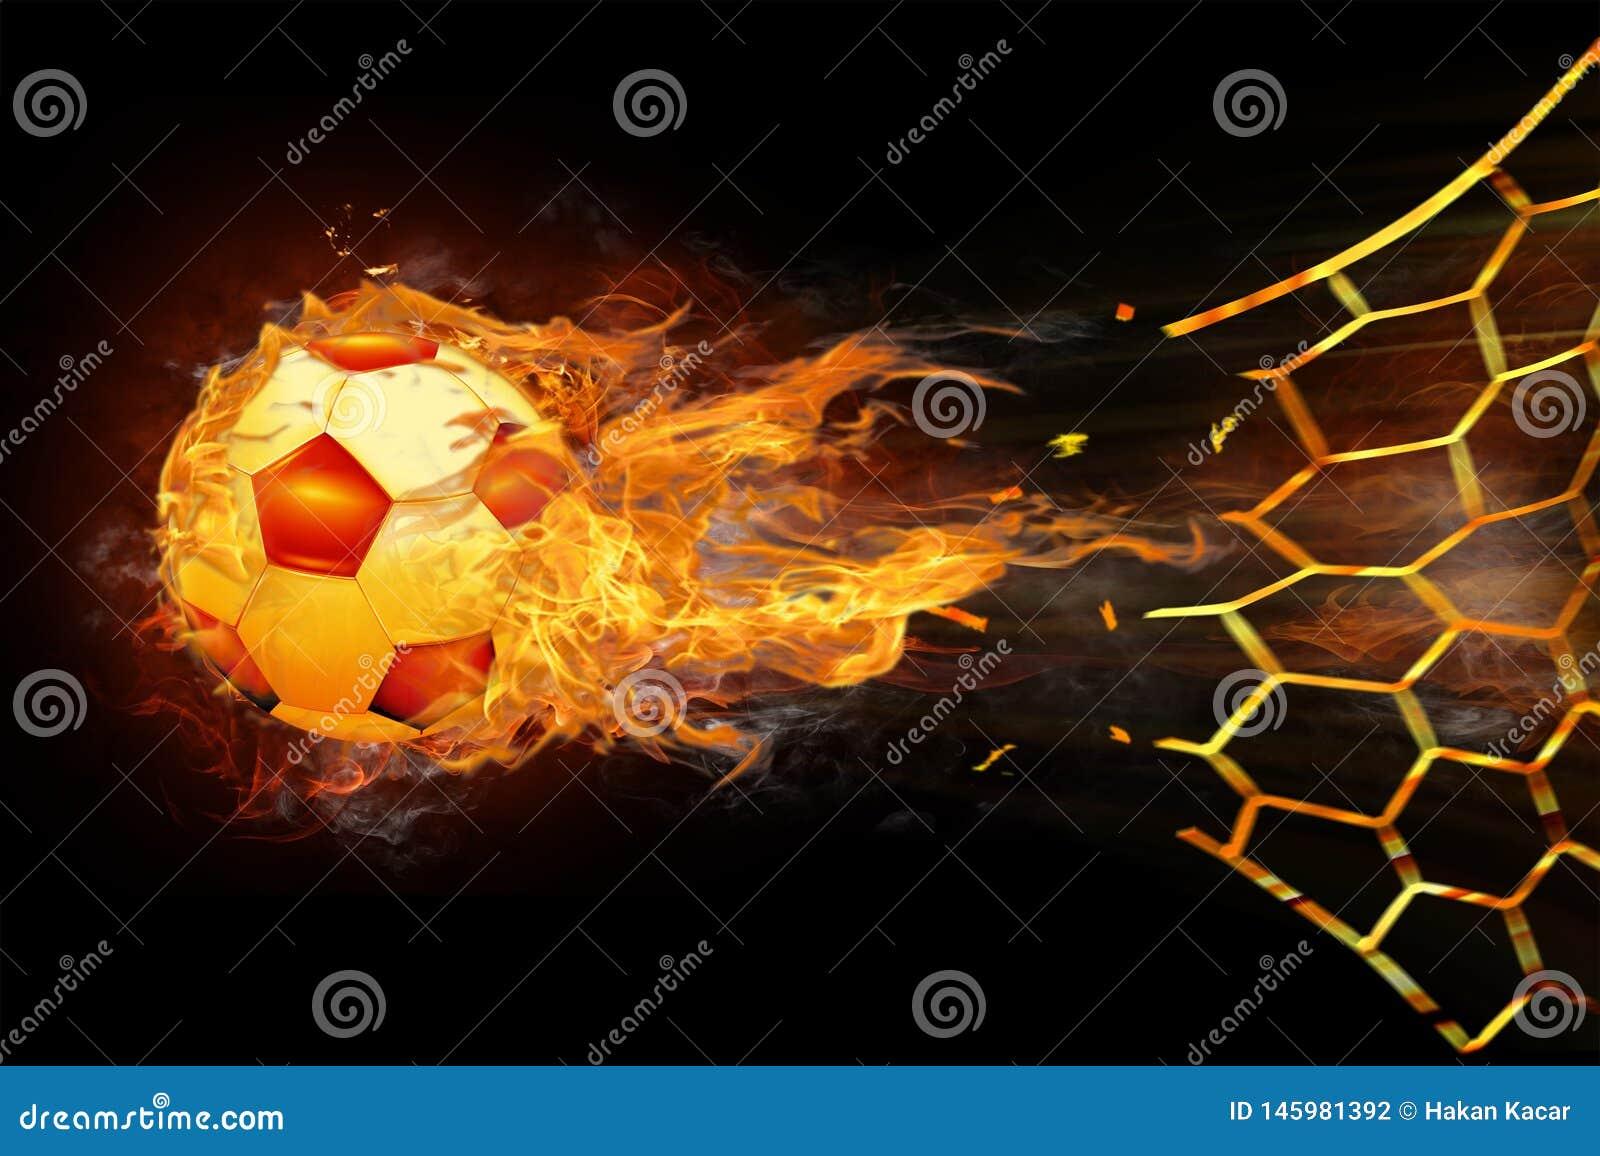 3D rendering, soccer ball.